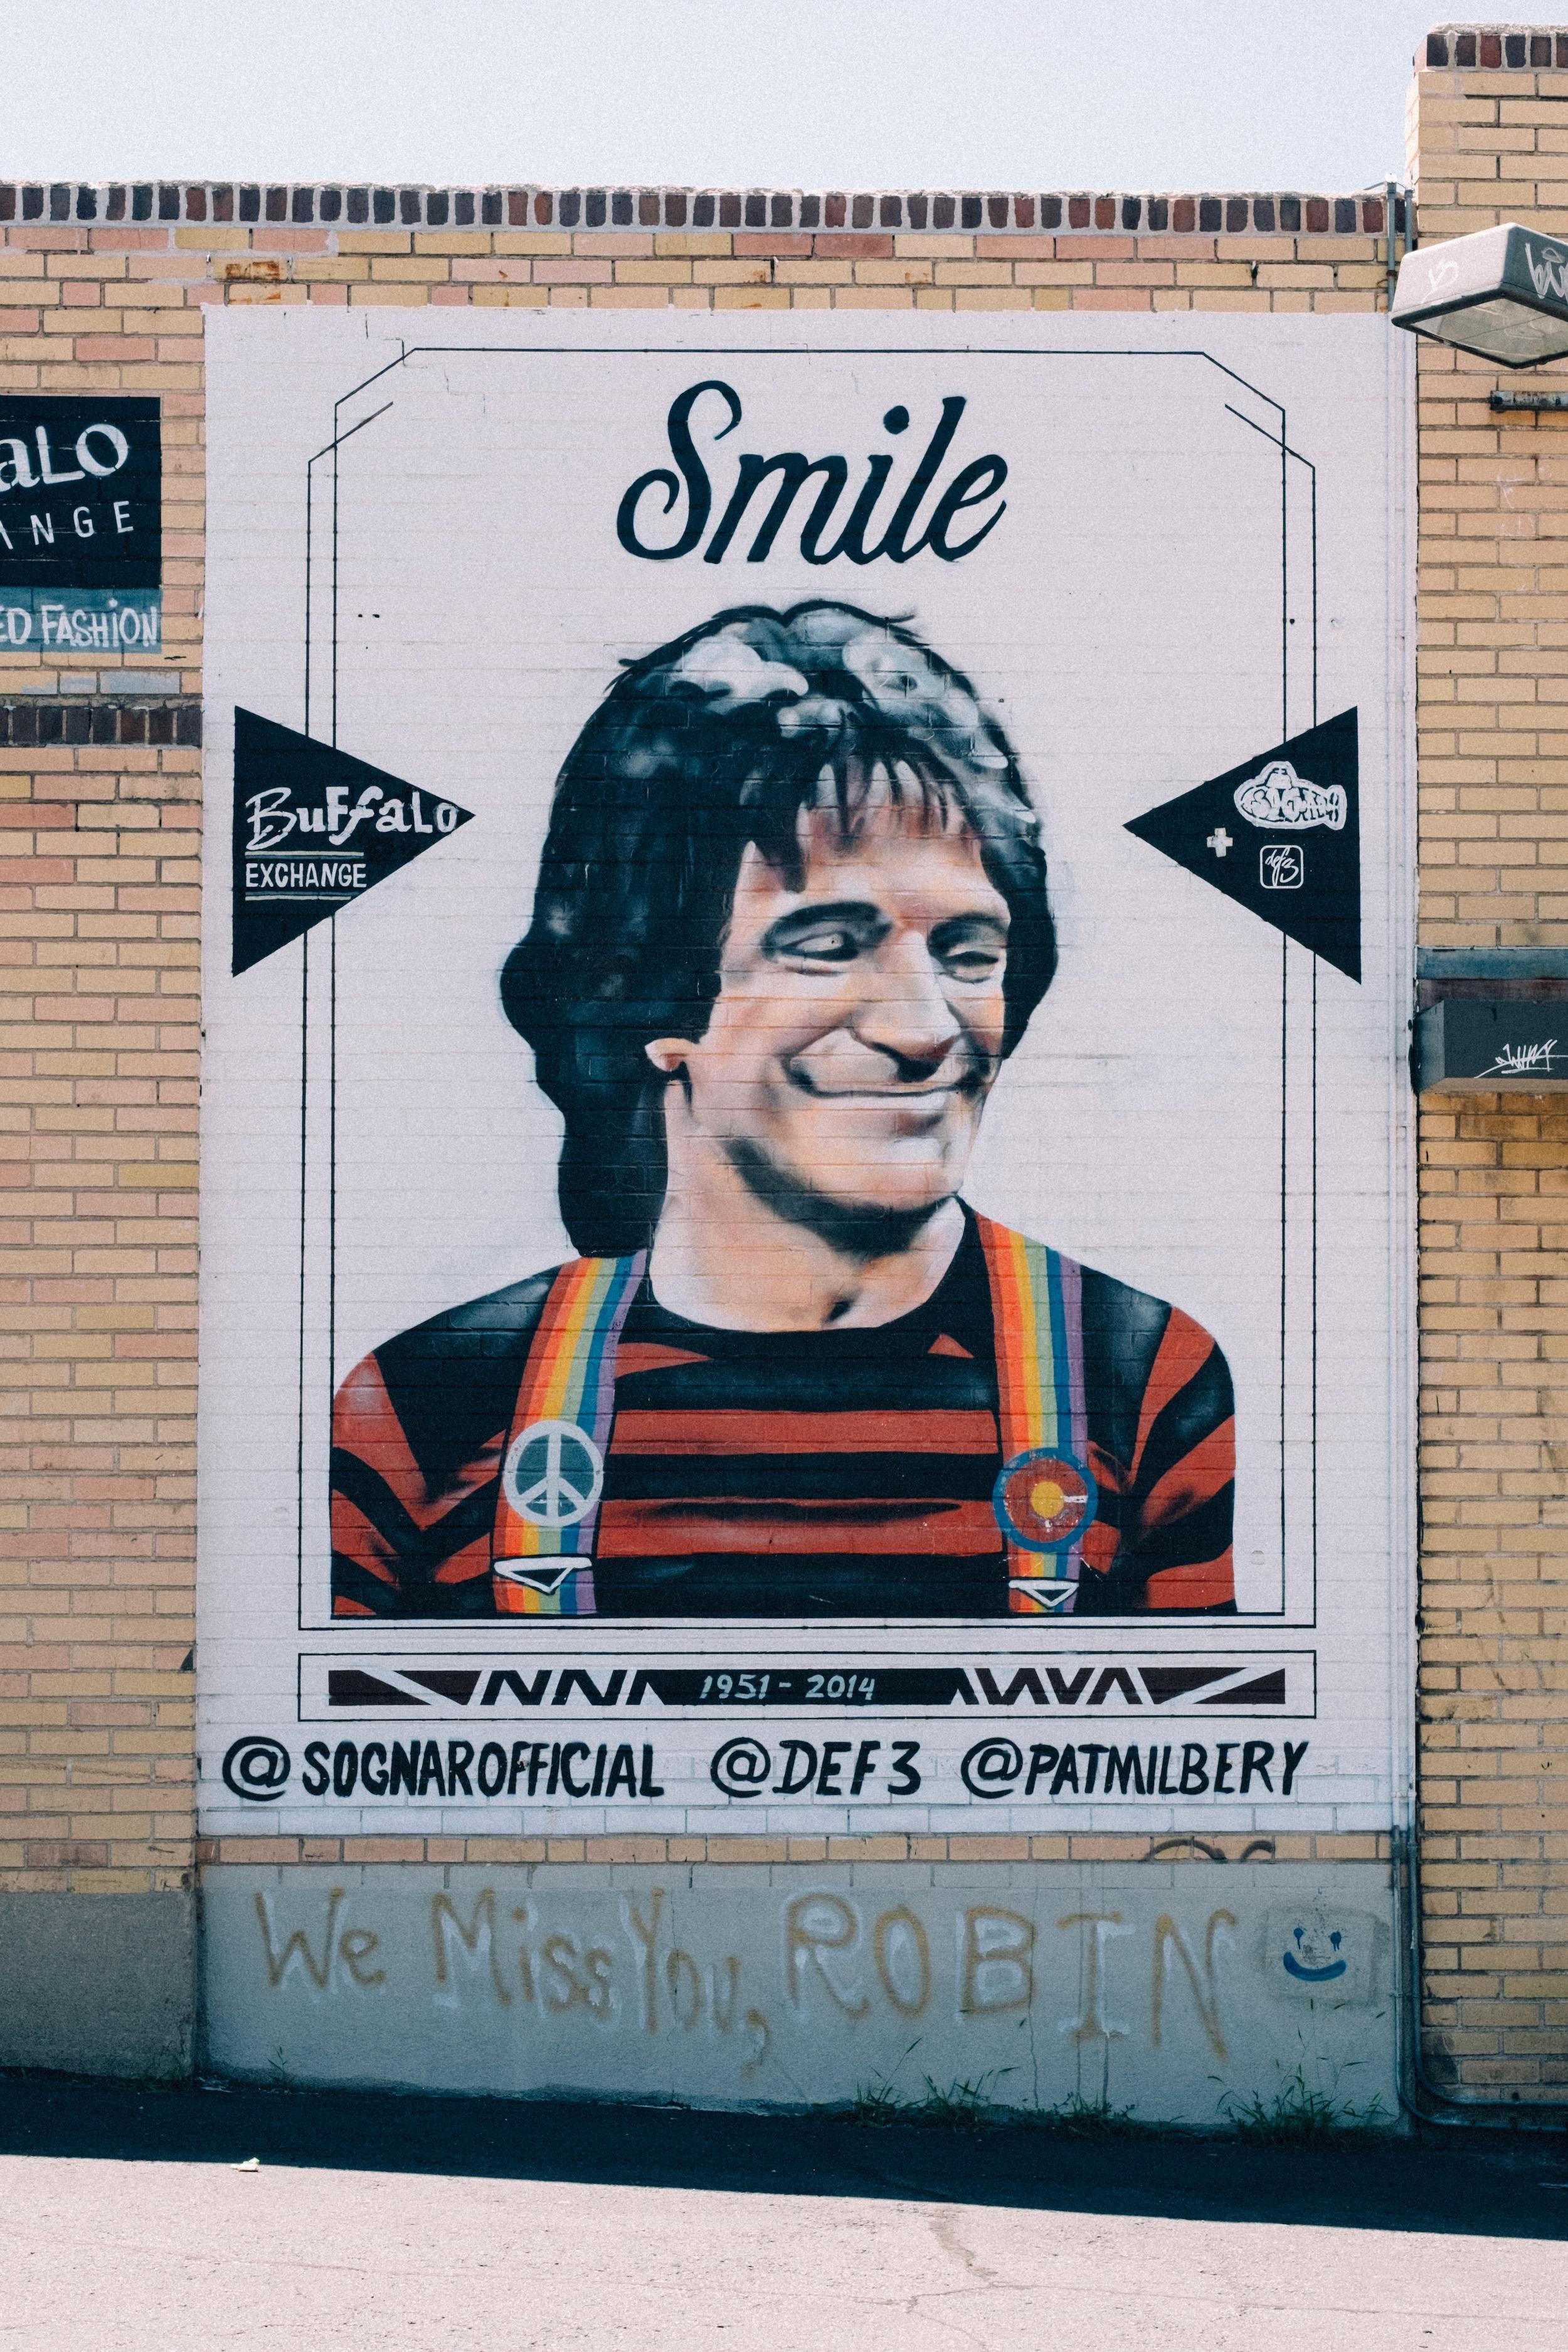 Denver Cap Hill Street Photography - 25.jpeg